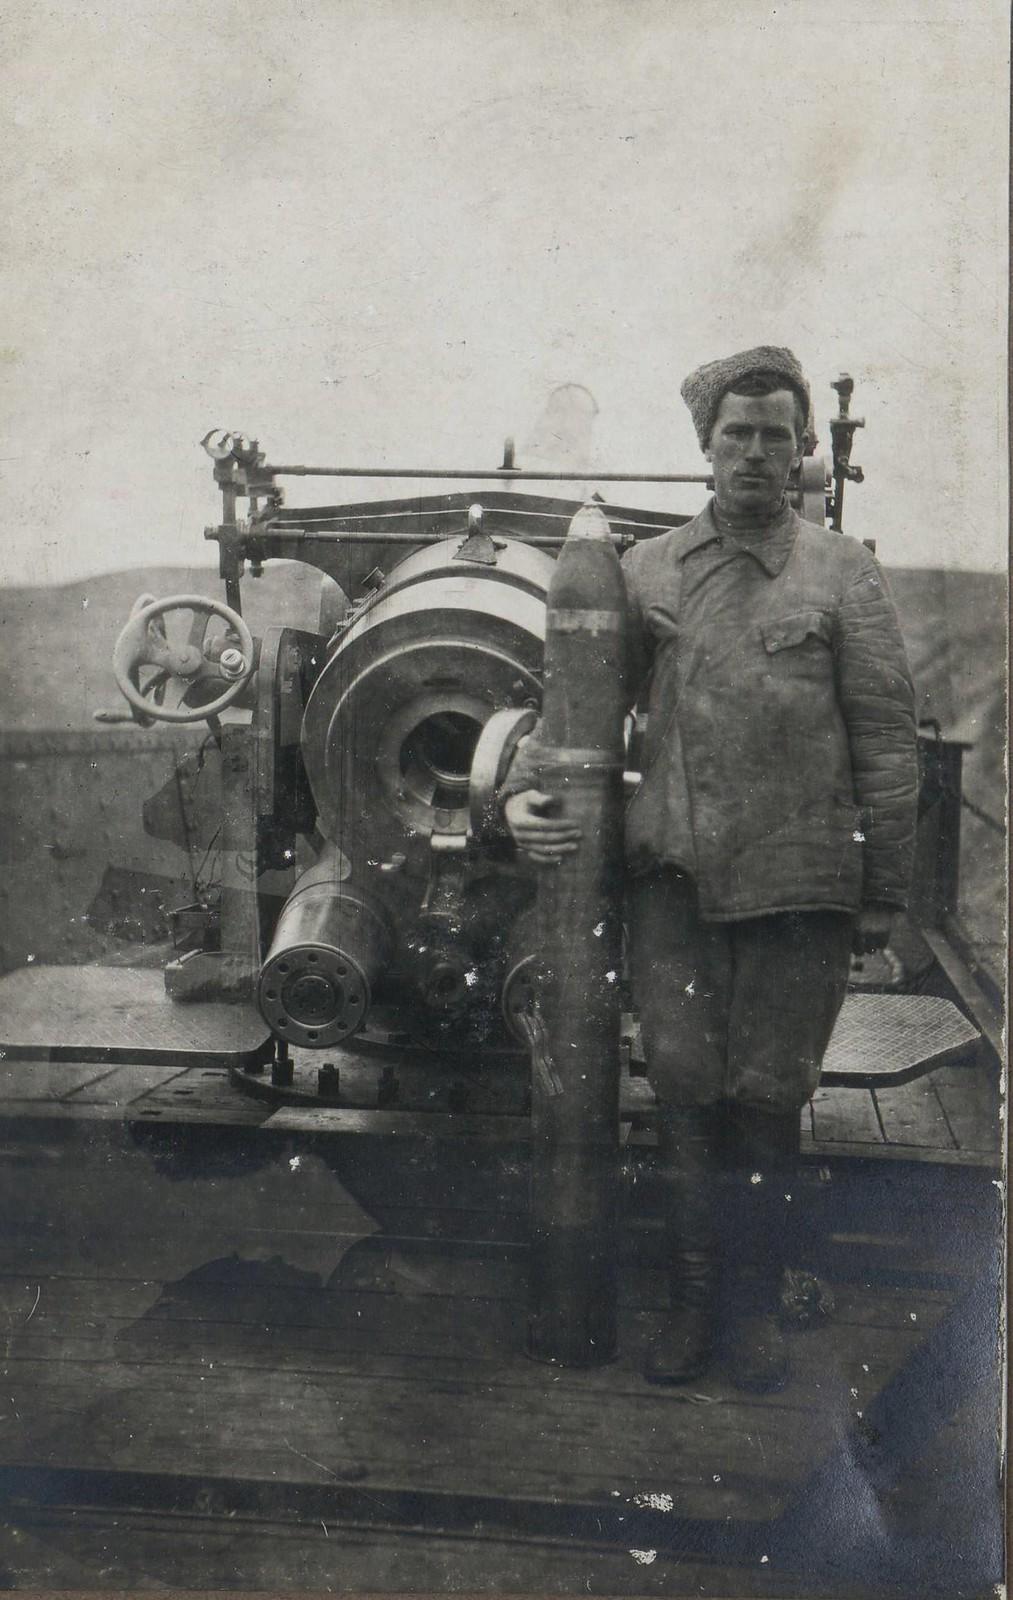 378. 1919. Платформенное орудие и артиллерист белого бронепоезда